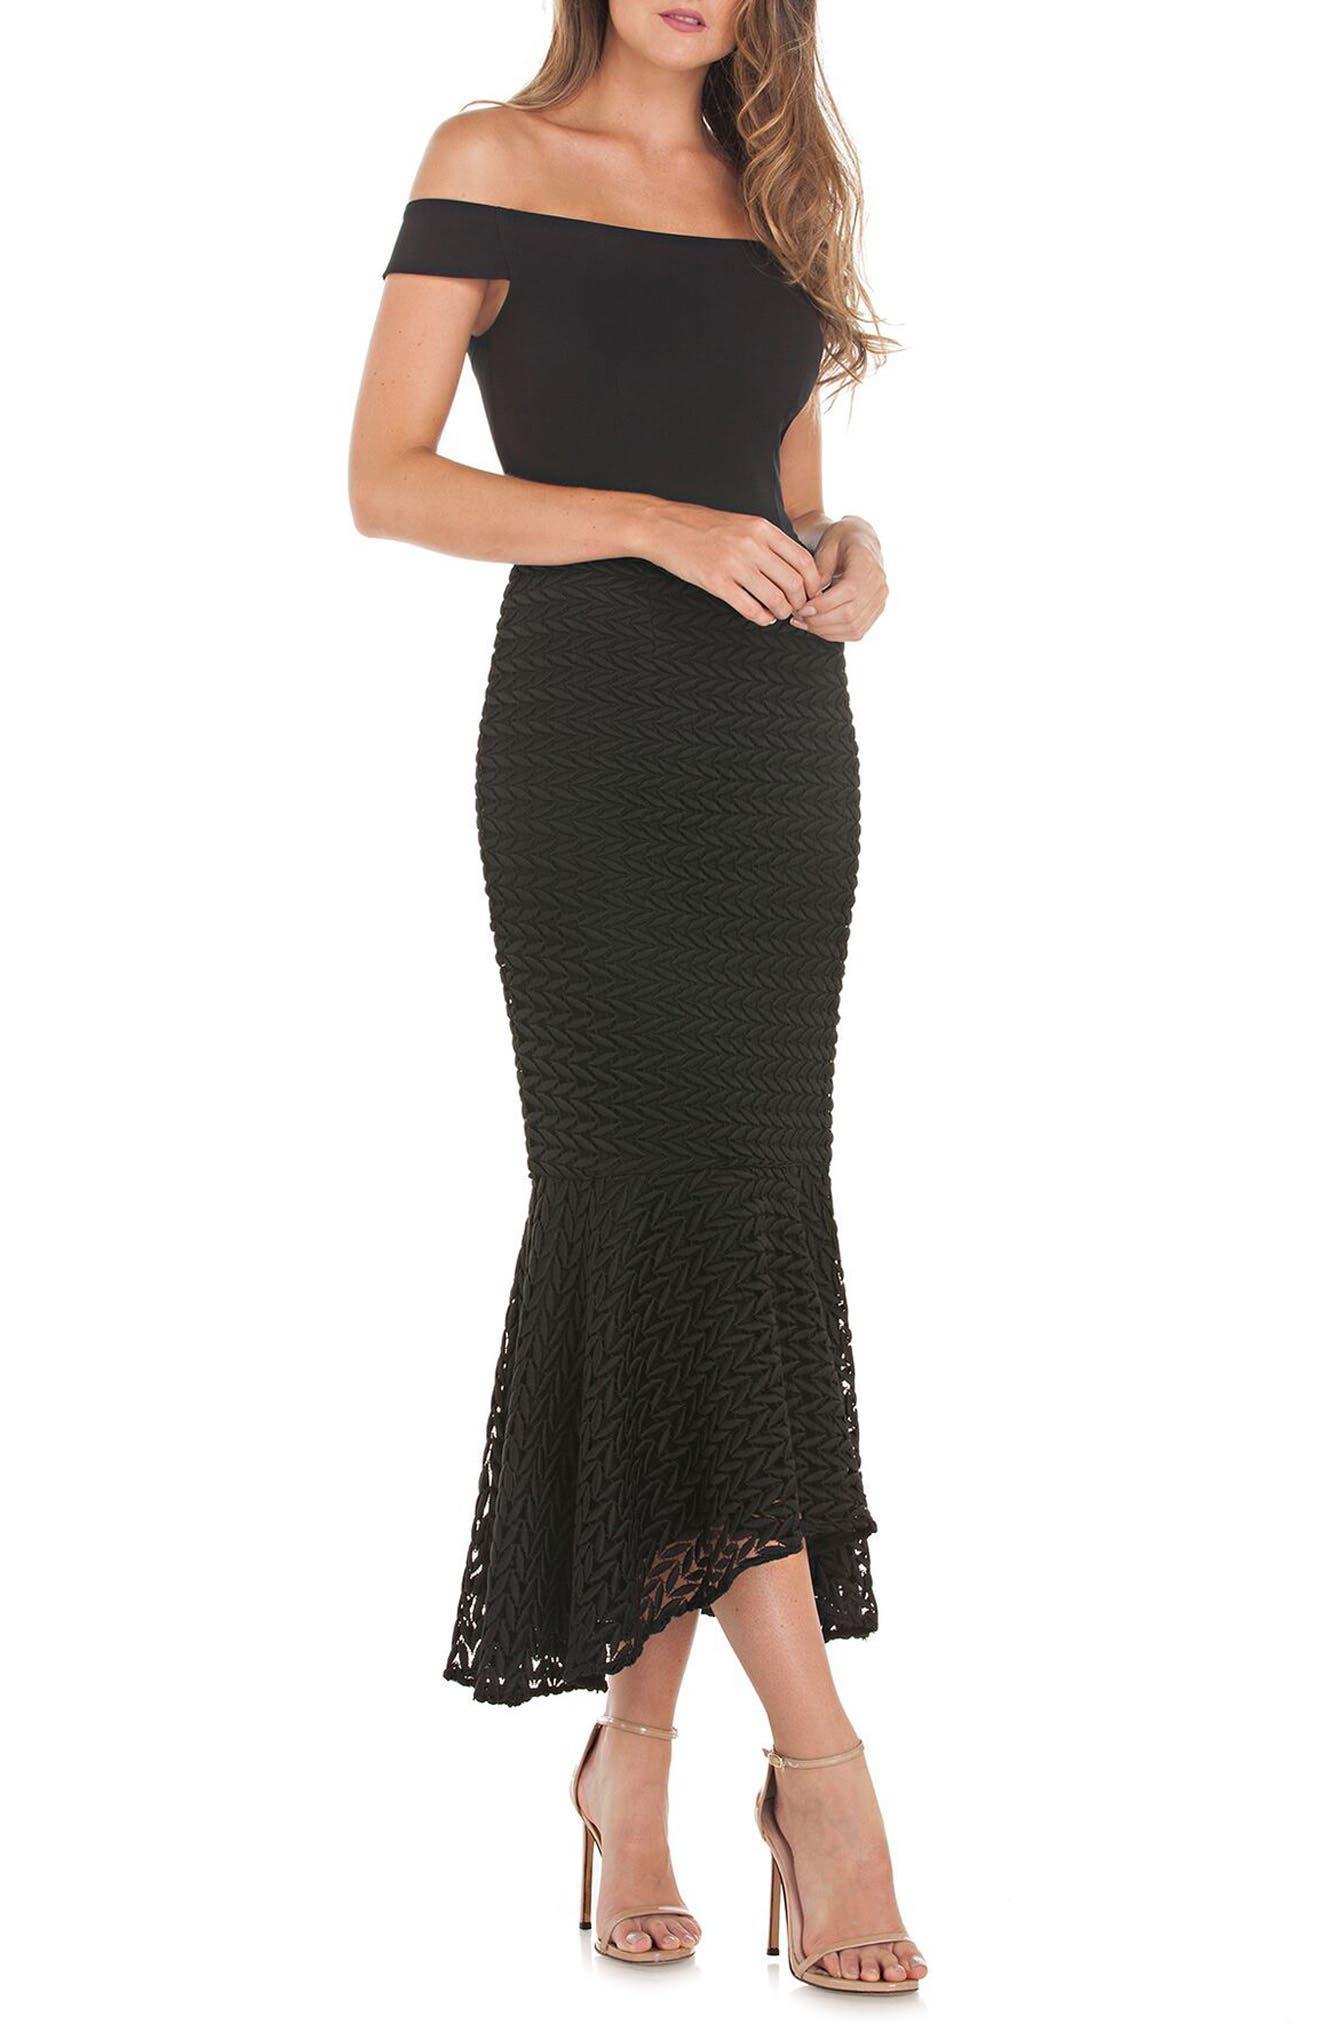 Kay Unger Crepe & Lace Off The Shoulder Dress, Black